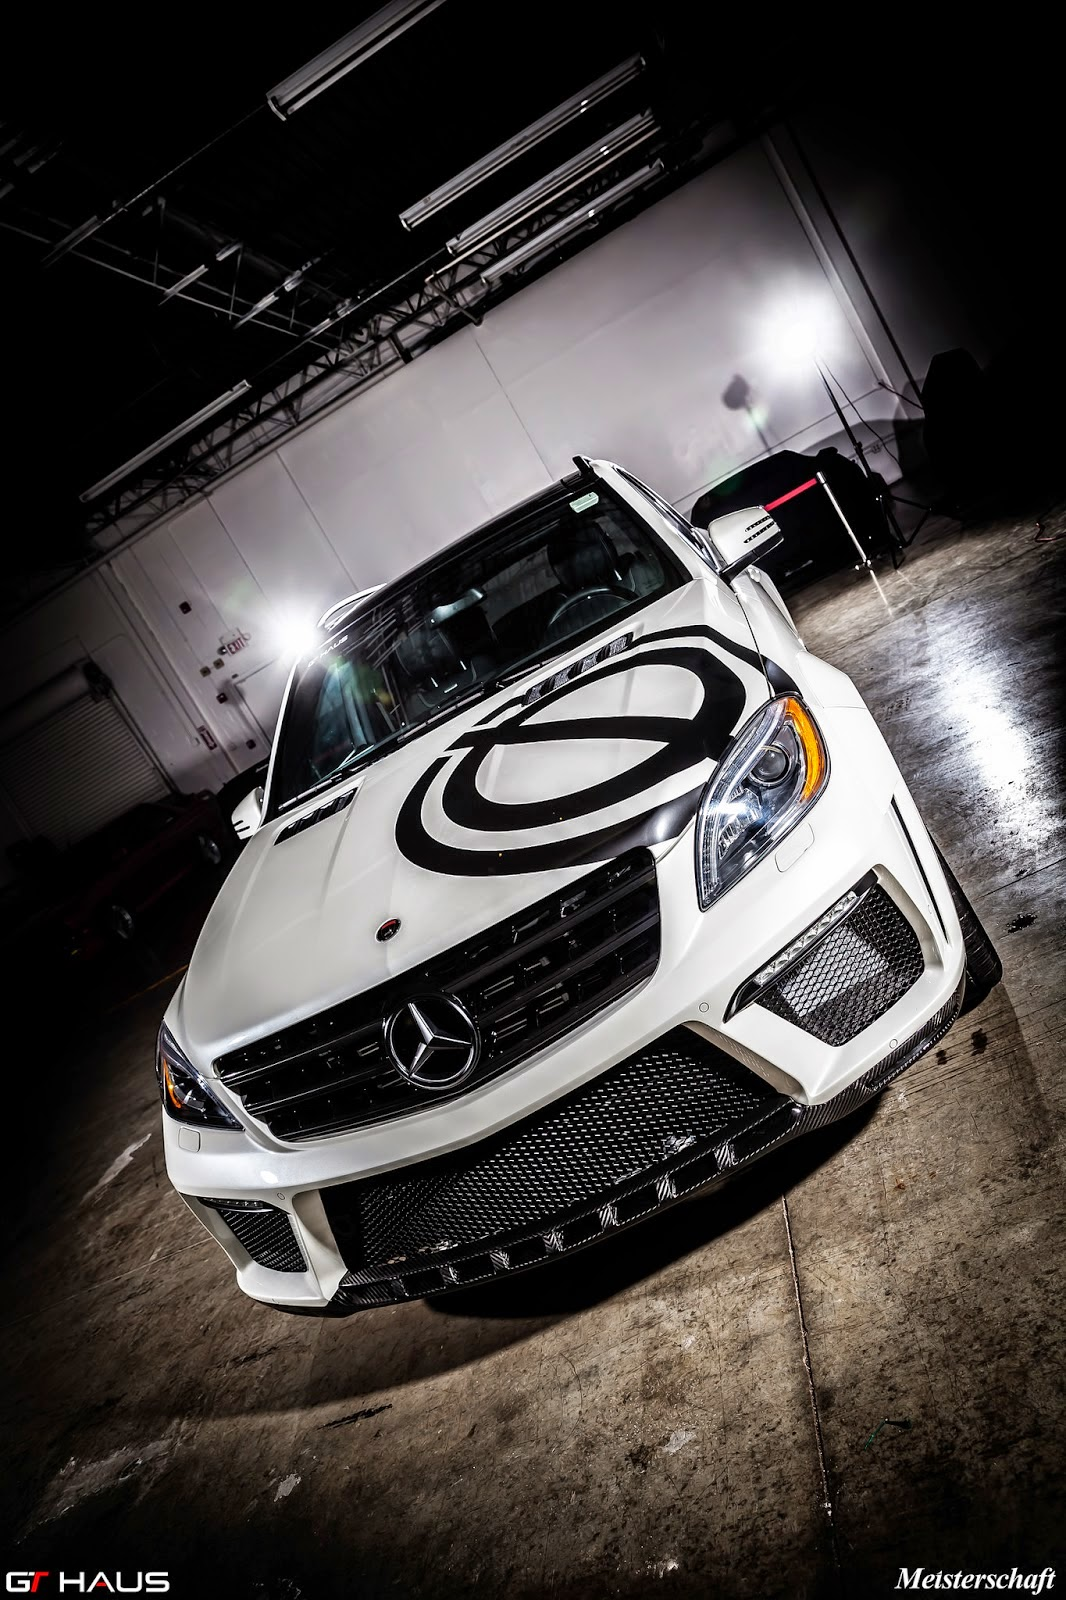 G Wagon 2015 >> Mercedes-Benz ML 63 AMG INFERNO By Meisterschaft & GT Haus ...